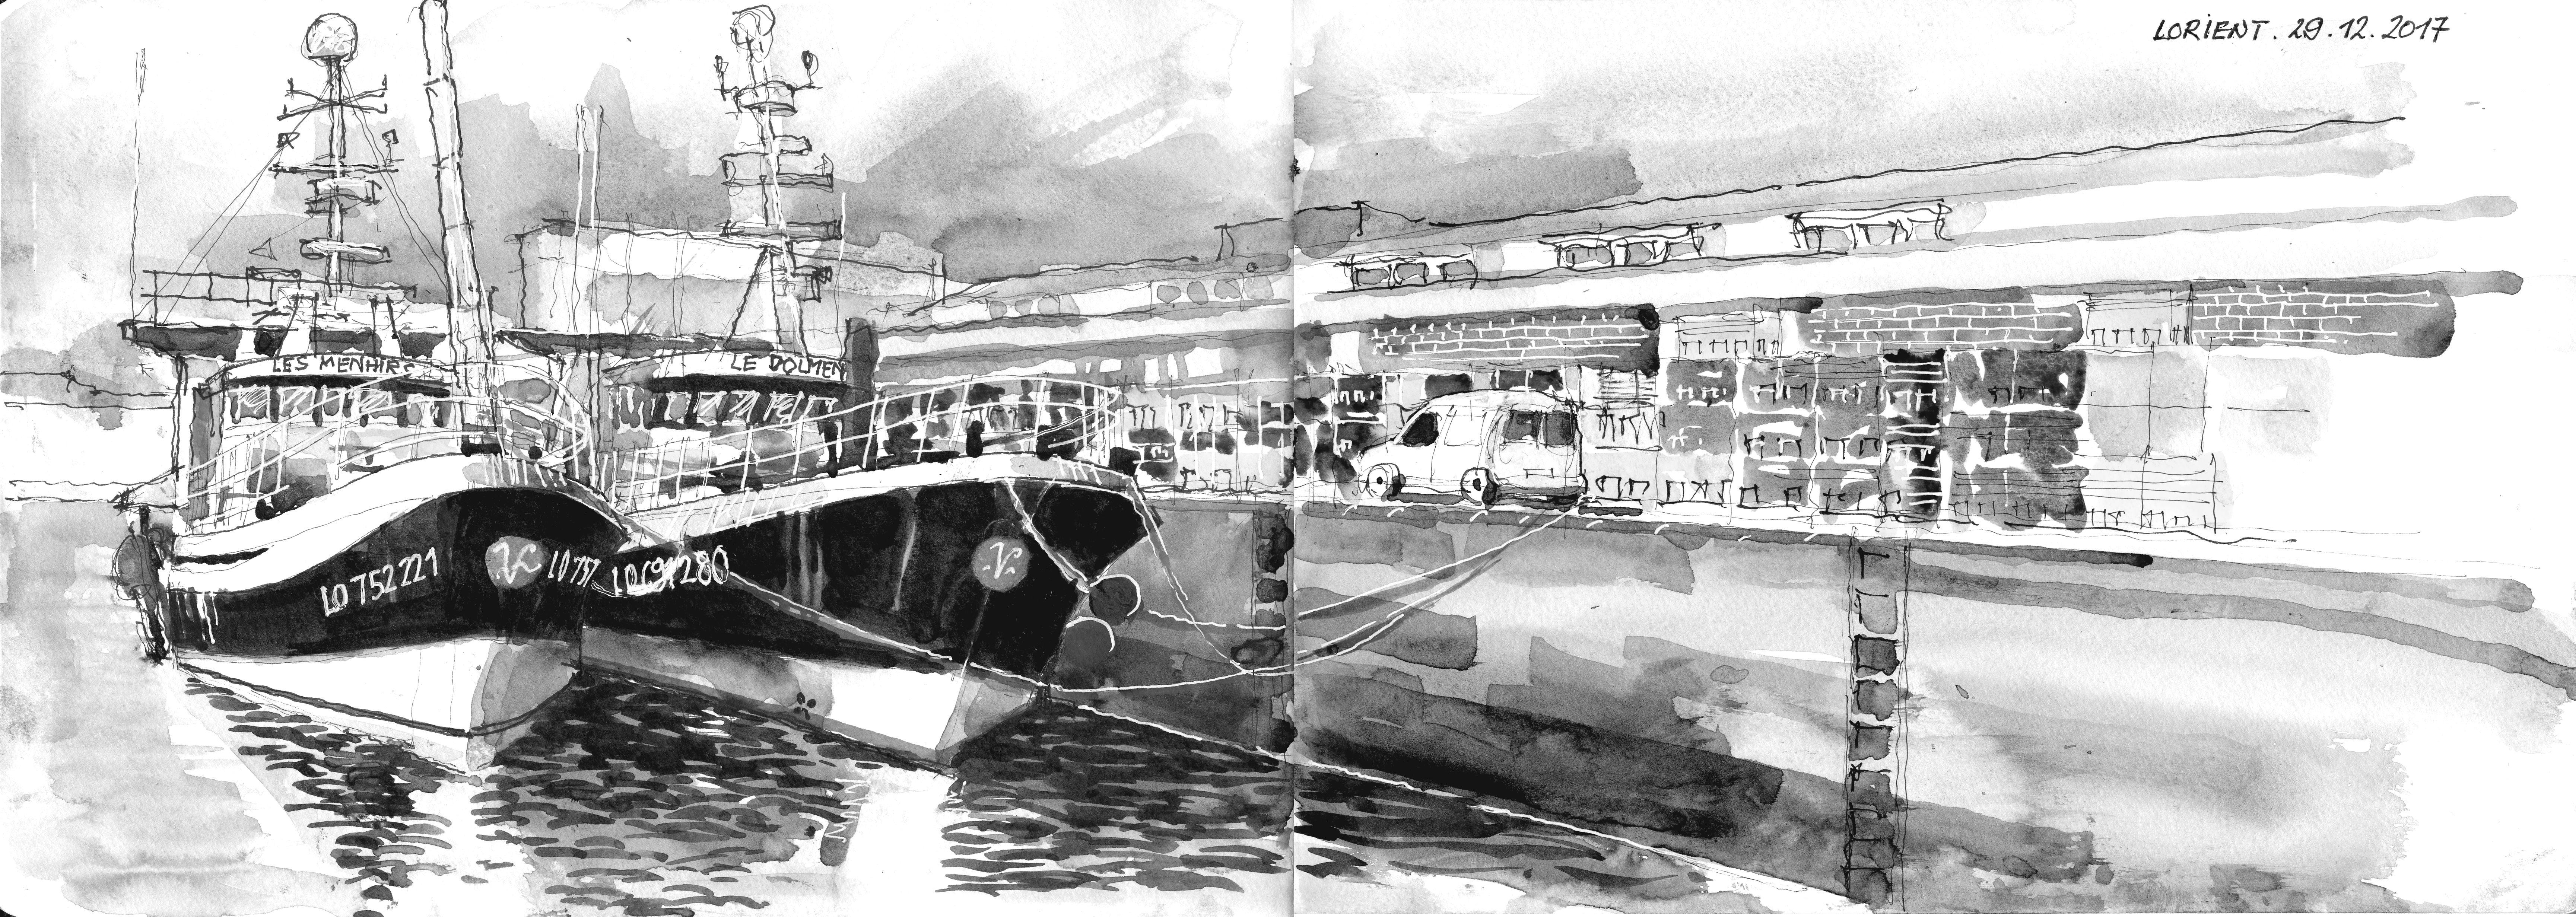 Serrurier Lorient dedans pro&mer – salon de lemploi et de la formation aux métiers de la mer